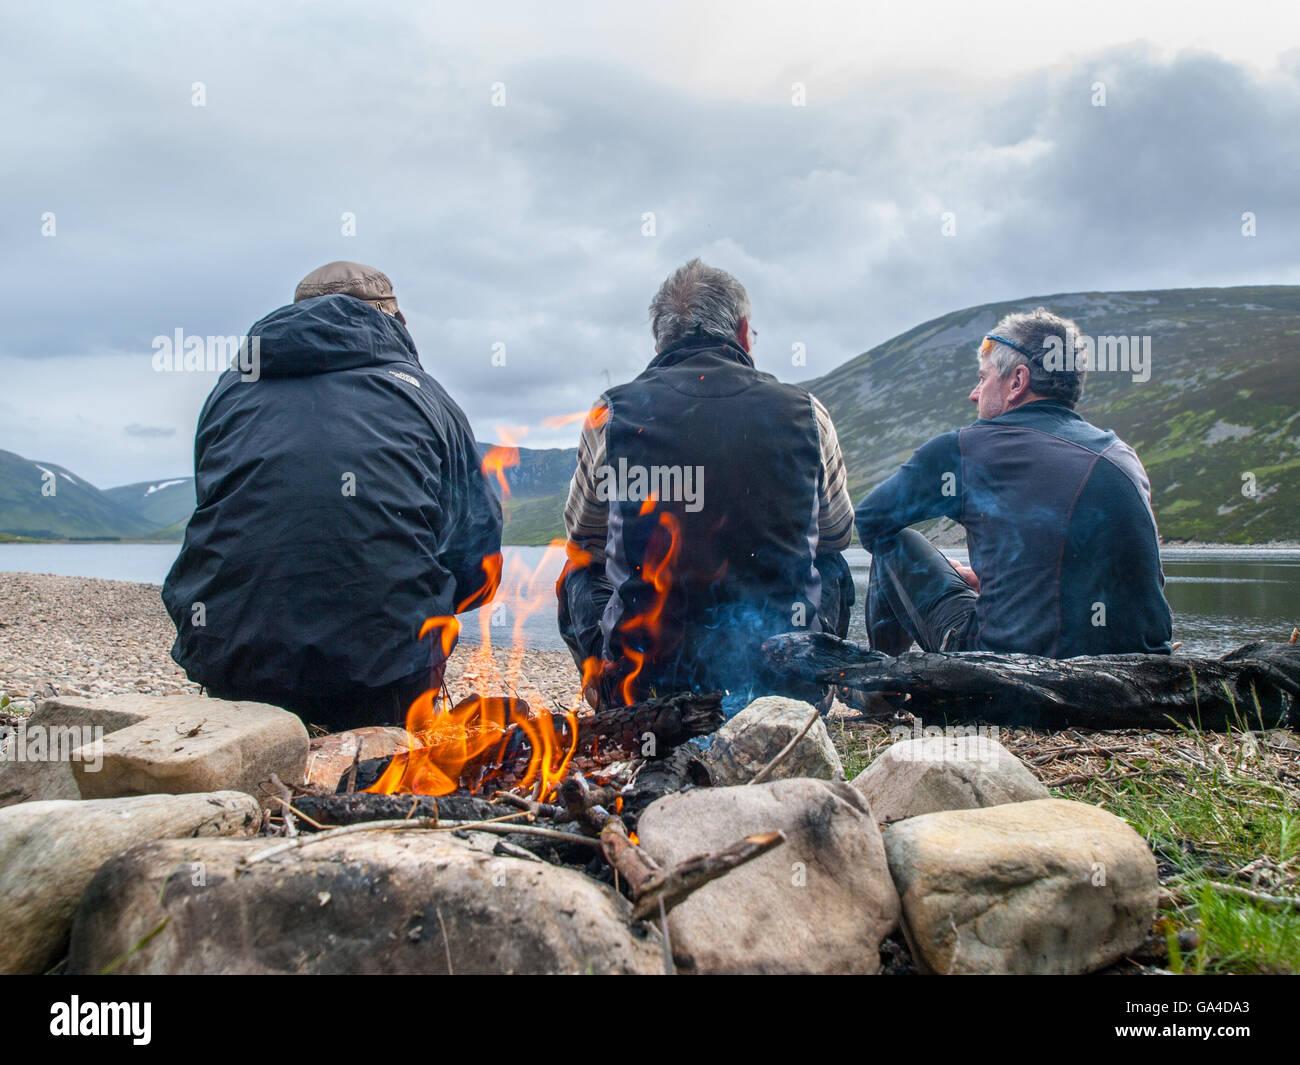 Drei Männer mit dem Rücken zum Lagerfeuer auf einer Fahrrad-Verpackung-Reise in Schottland Stockbild